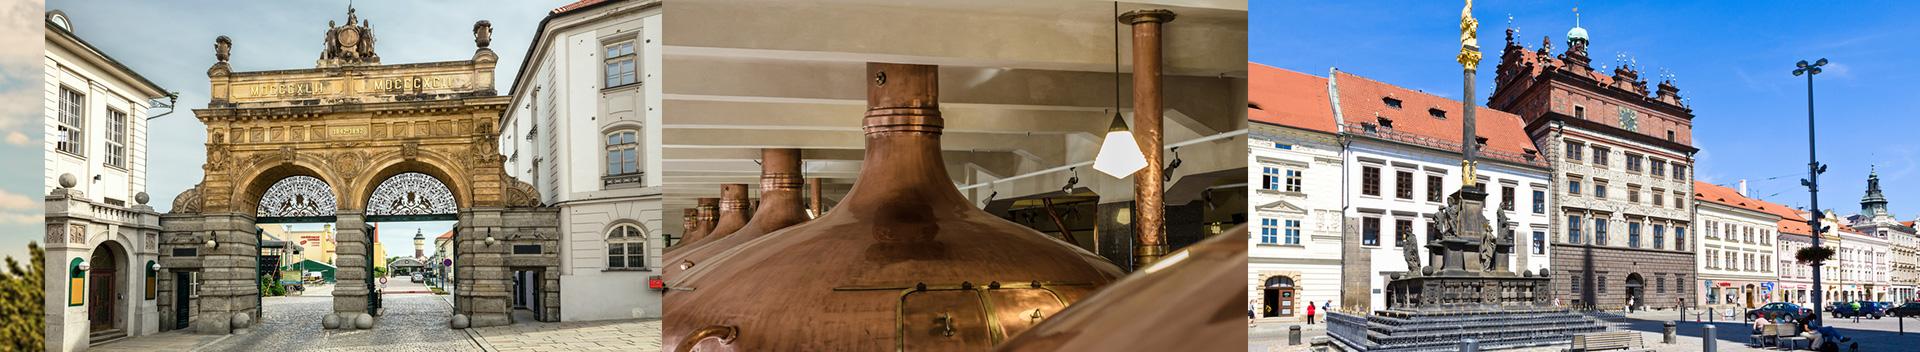 Prague to Pilsen – Pilsner Urquell Brewery Tours from Prague